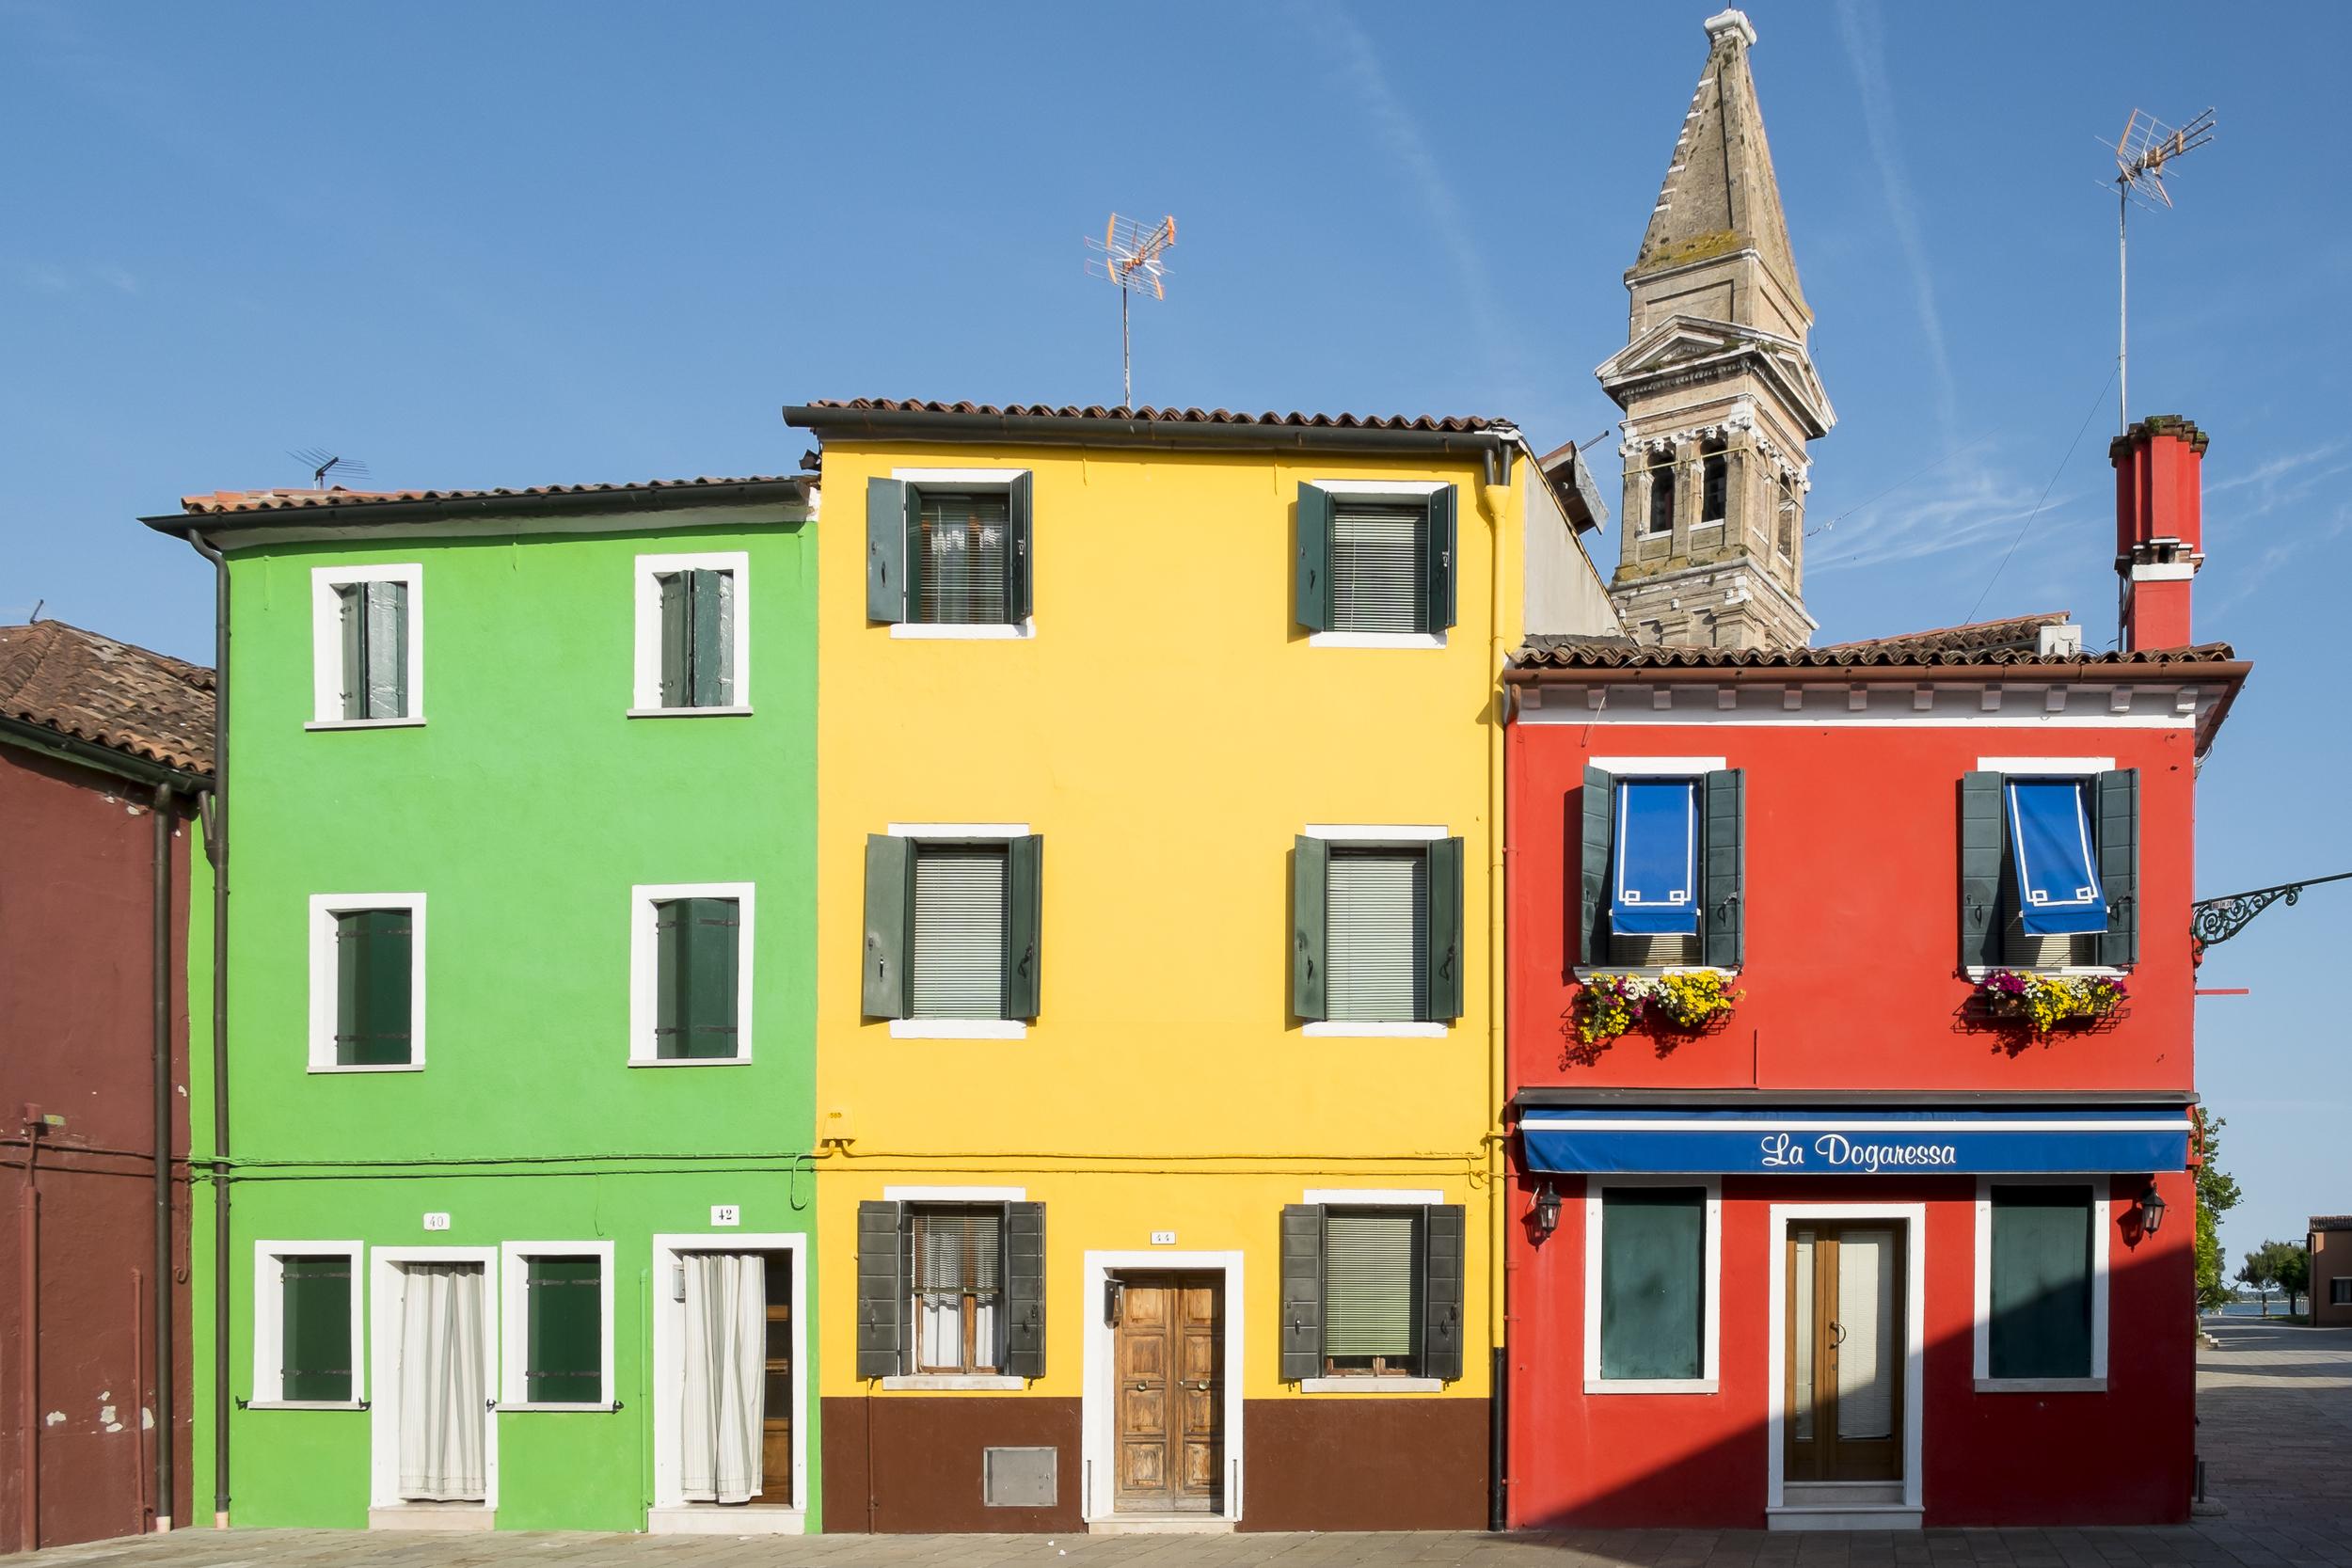 Venice-GreeenYellowOrangeBurano-20140521-DSCF5701.jpg